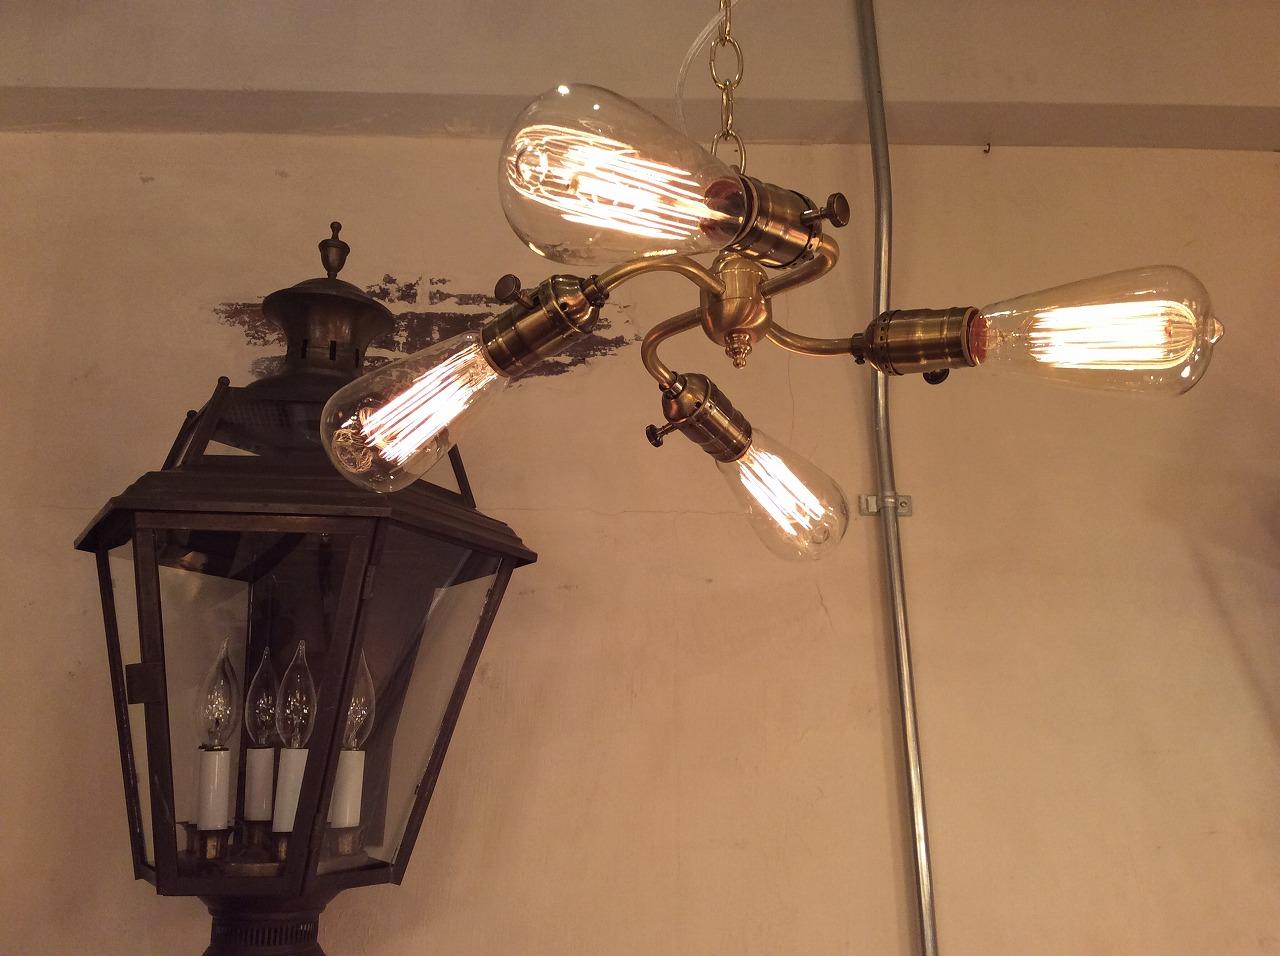 4-BULBS LIGHT